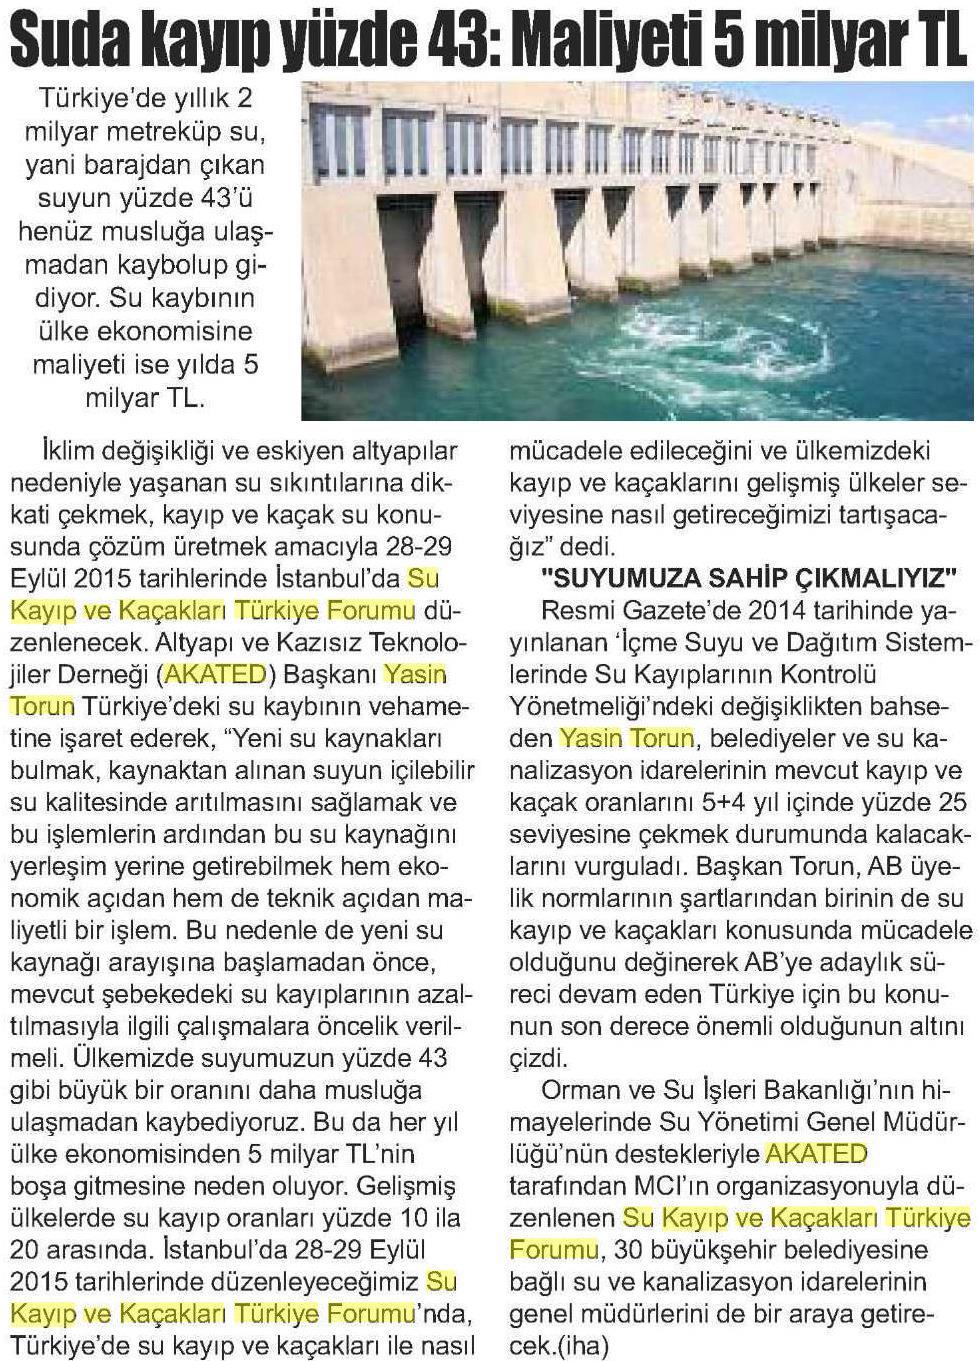 Yeni Adım Gazetesi 11.09.2015